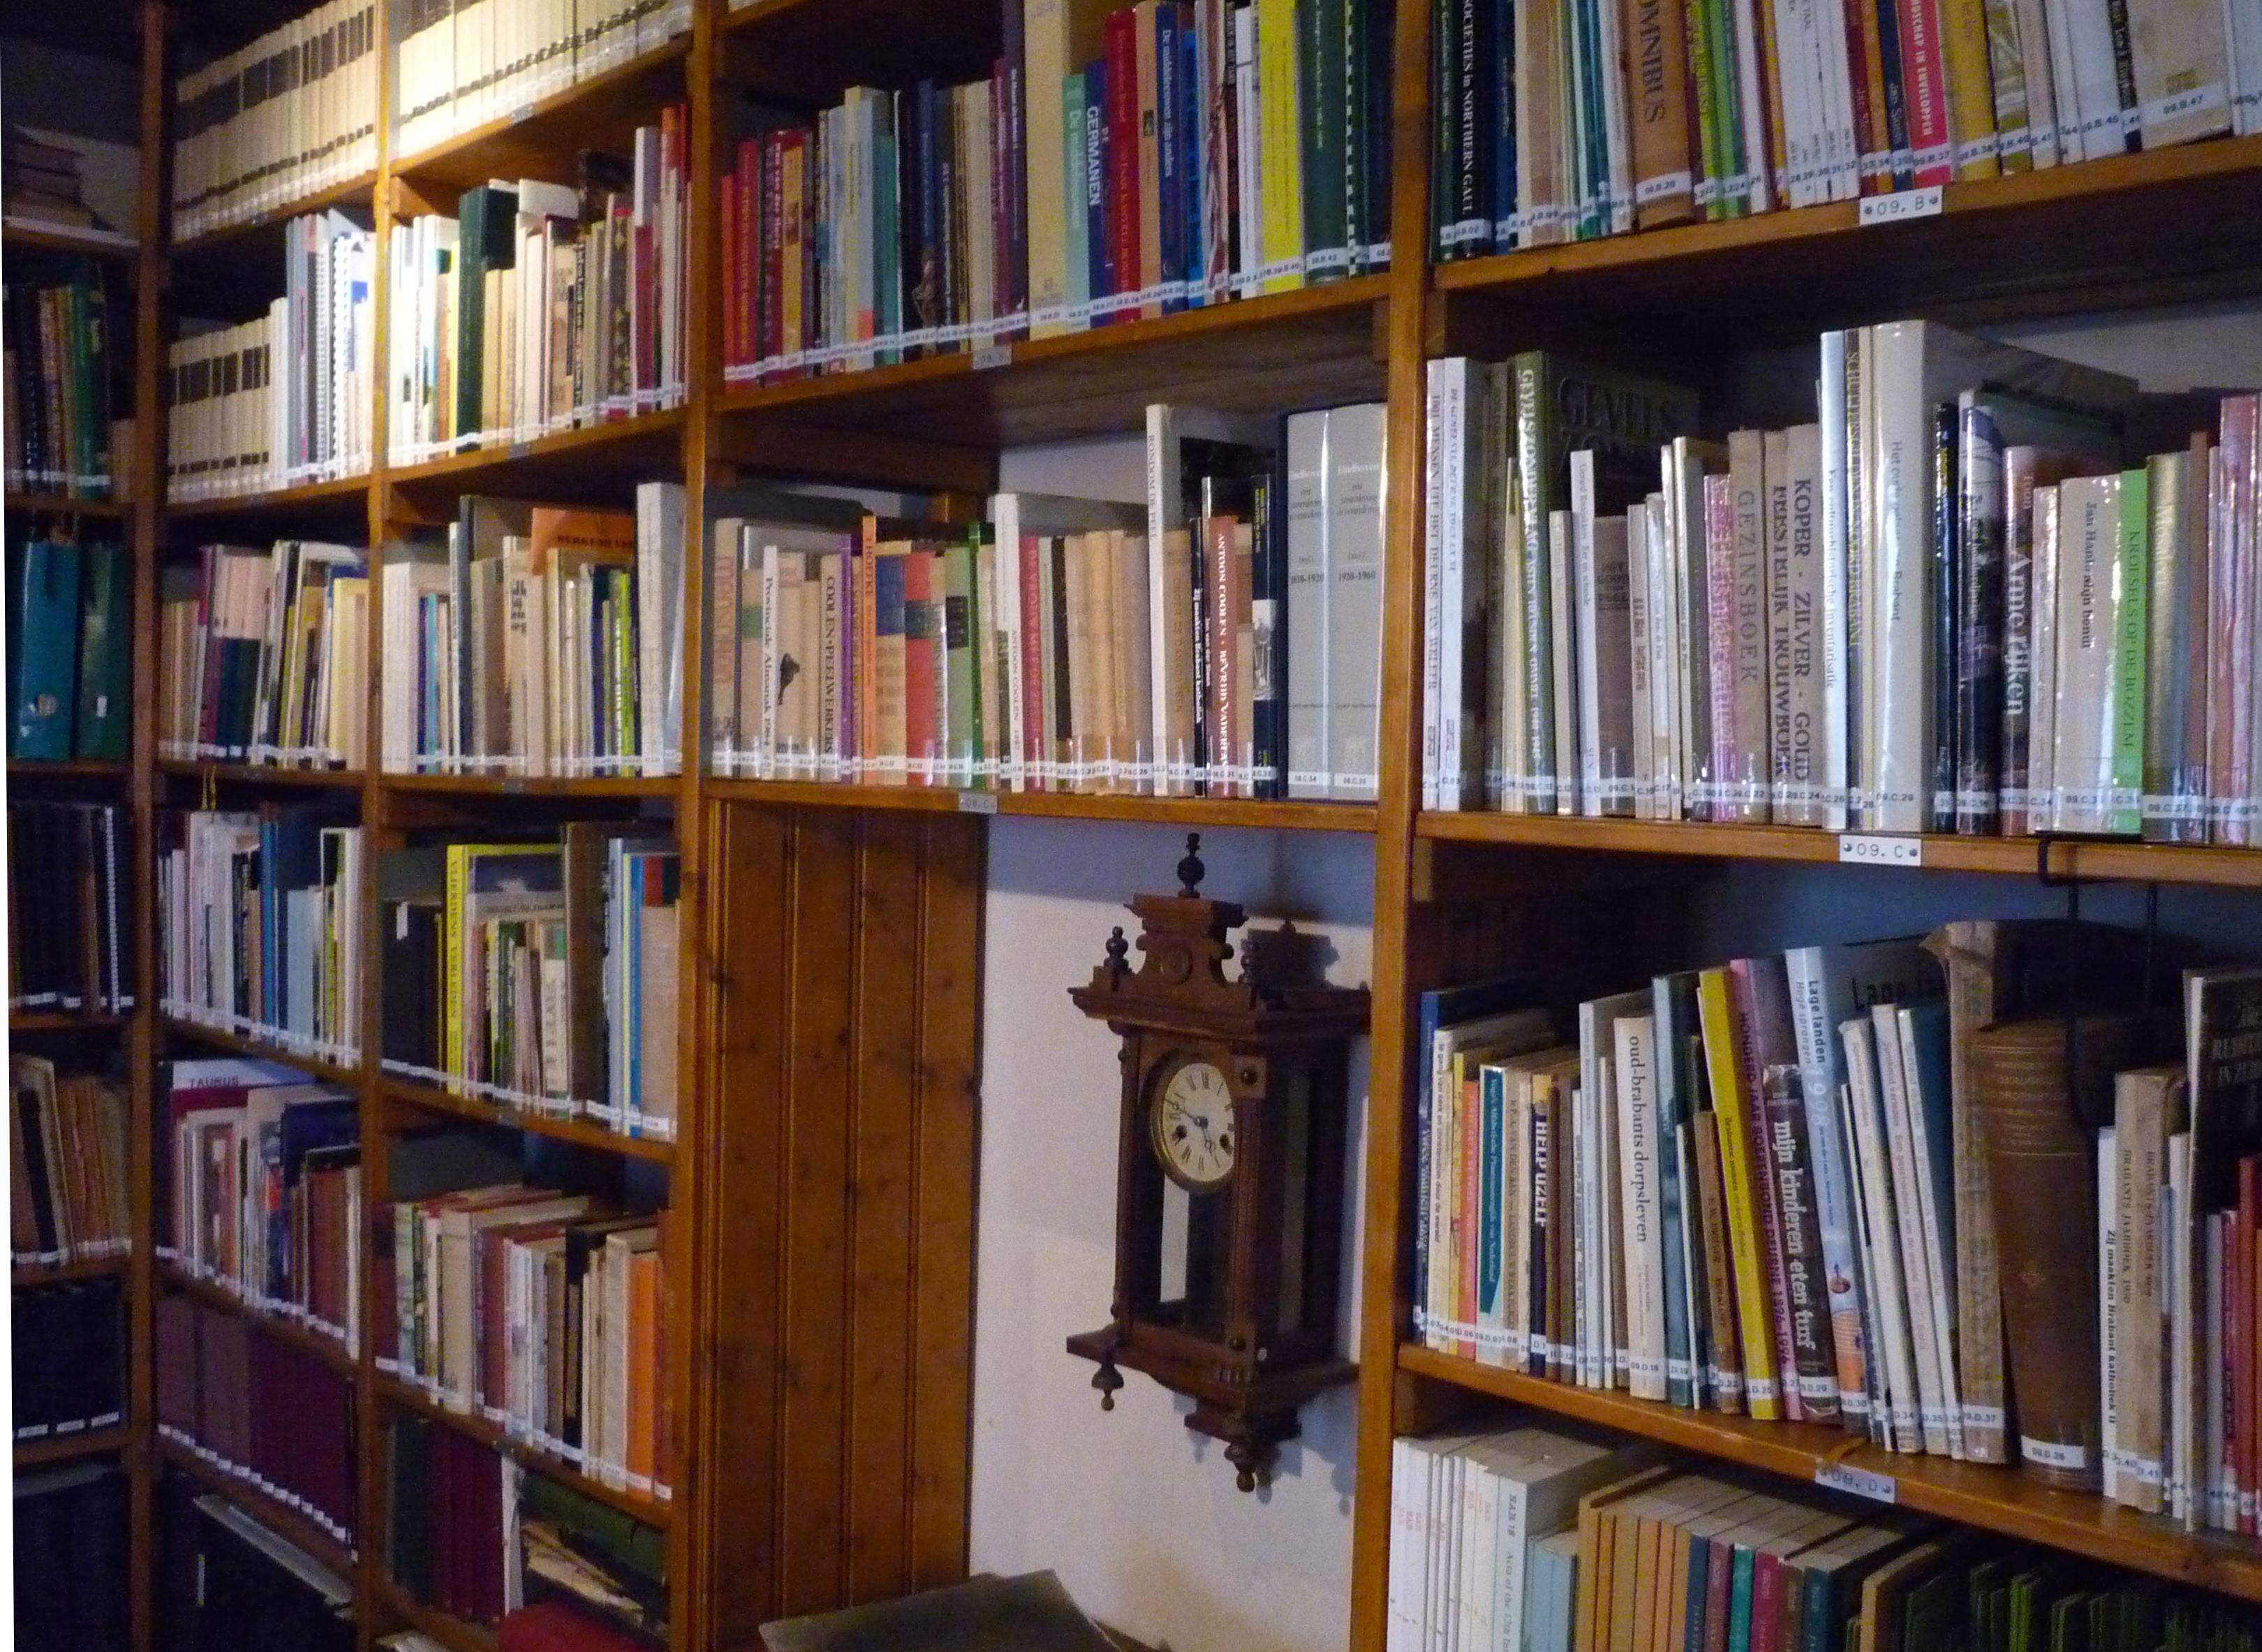 File:Boekenkast bibliotheek heemhuis Deurne.jpg - Wikimedia Commons